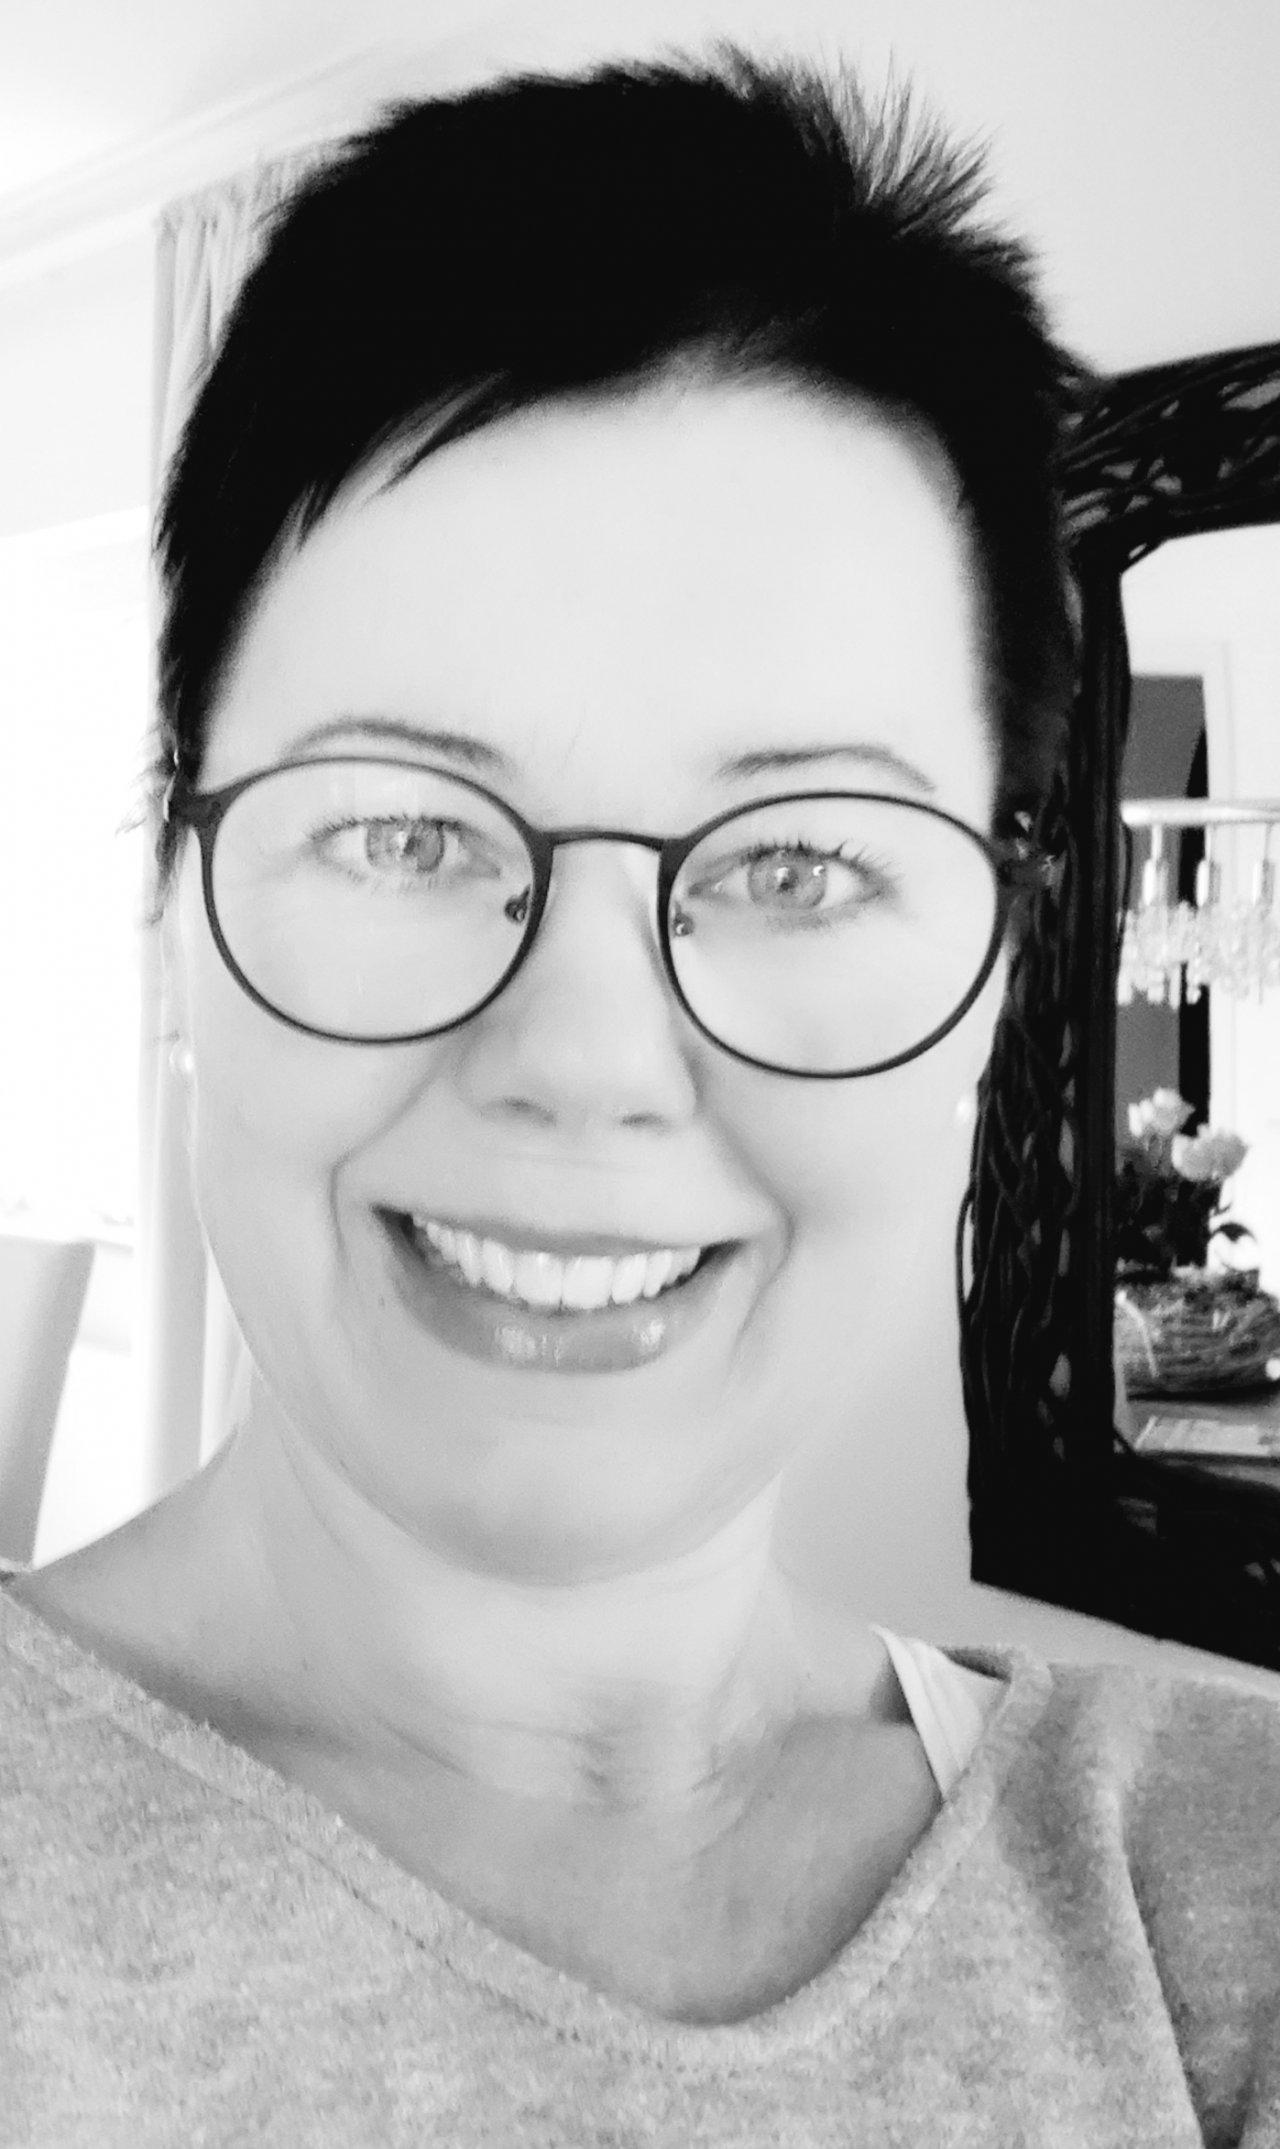 Auf dem schwarz-weiß Foto ist Beate Sandner aus Lollar zu sehen. Sie lächelt in die Kamera und trägt ein weißes T-Shirt. Außerdem hat sie kurze schwarze Haare.